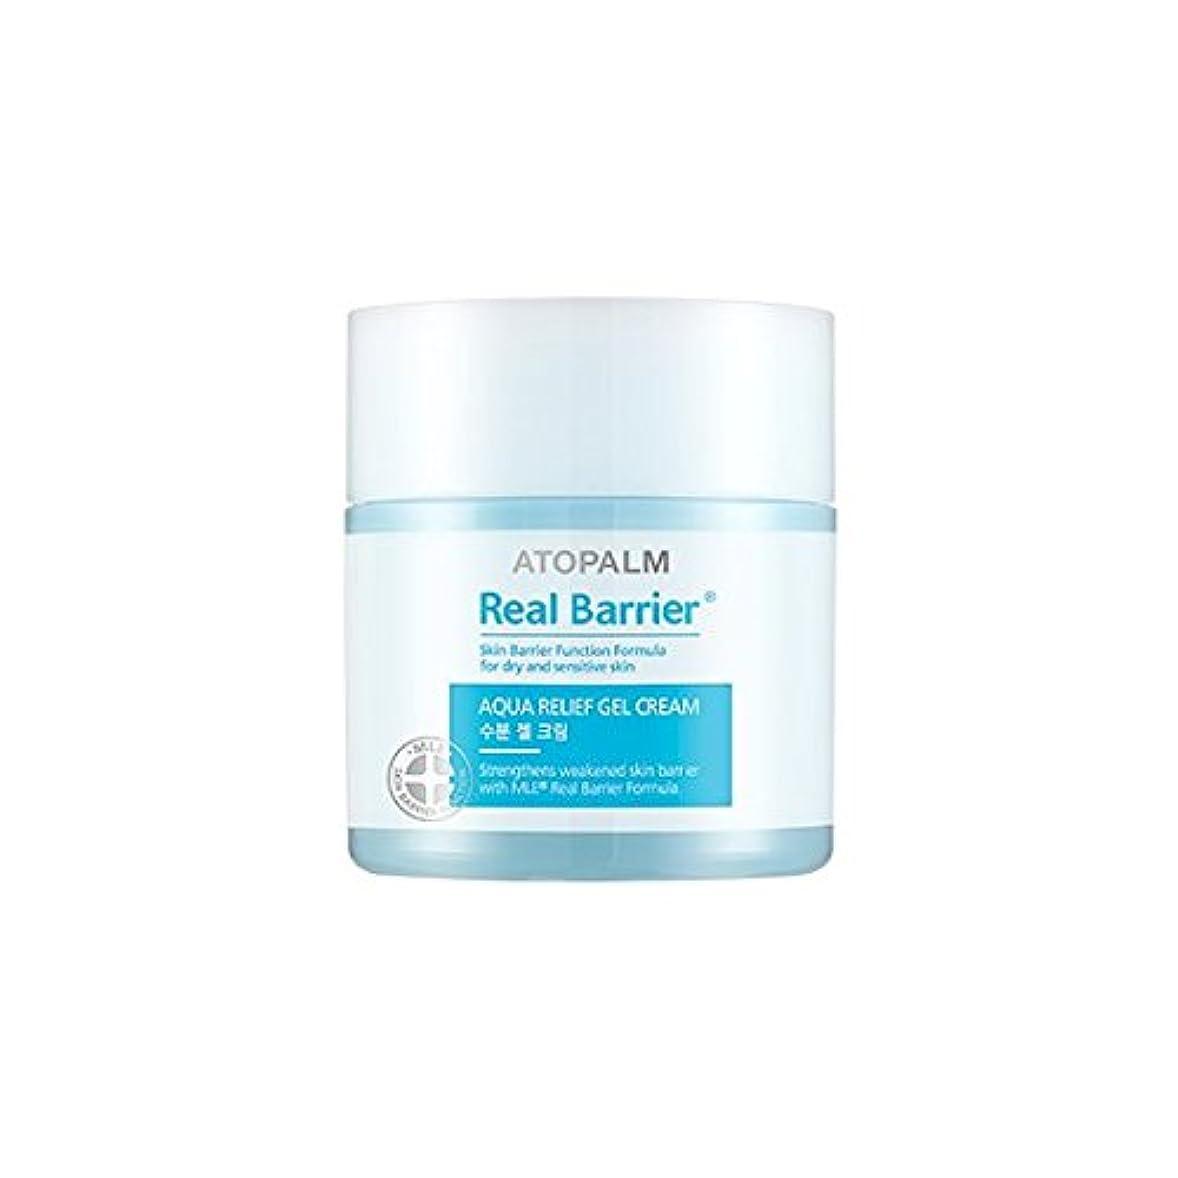 赤字化学薬品ヒゲATOPALM Real Barrier Aqua Relief Gel Cream 50ml/アトパーム リアル バリア アクア リリーフ ジェル クリーム 50ml [並行輸入品]